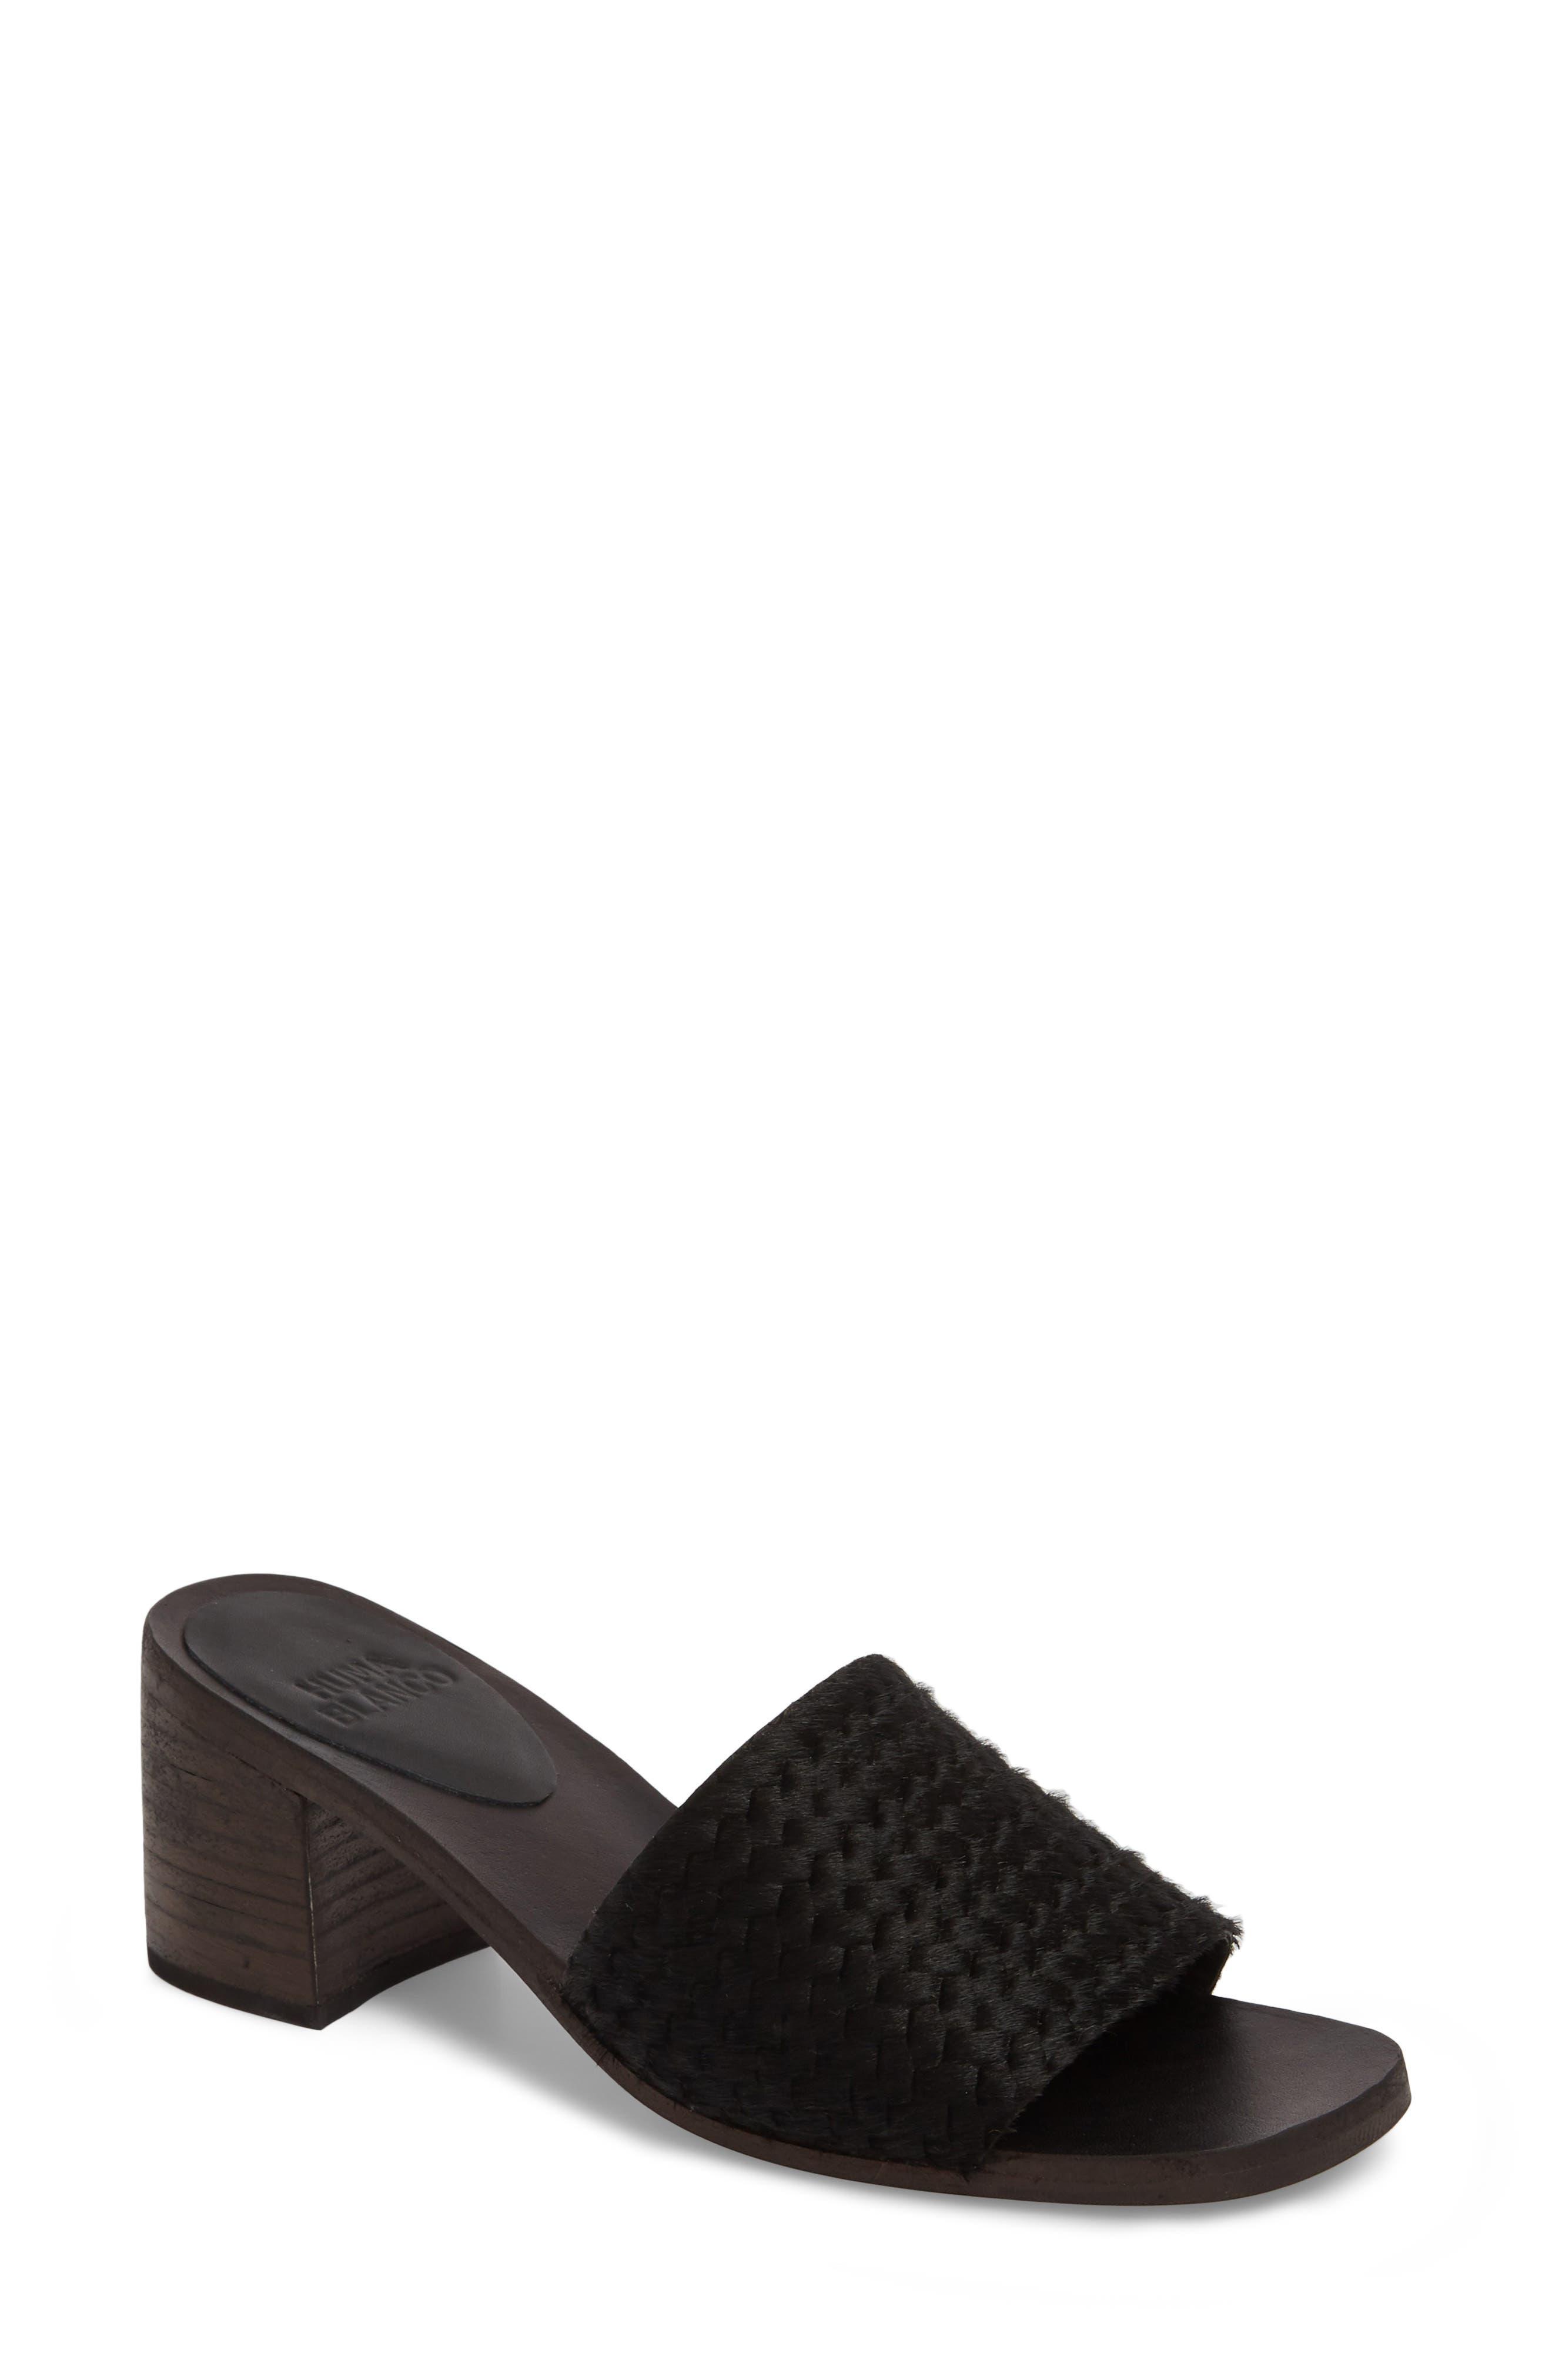 Huma Blanco Genuine Calf Hair Sandal